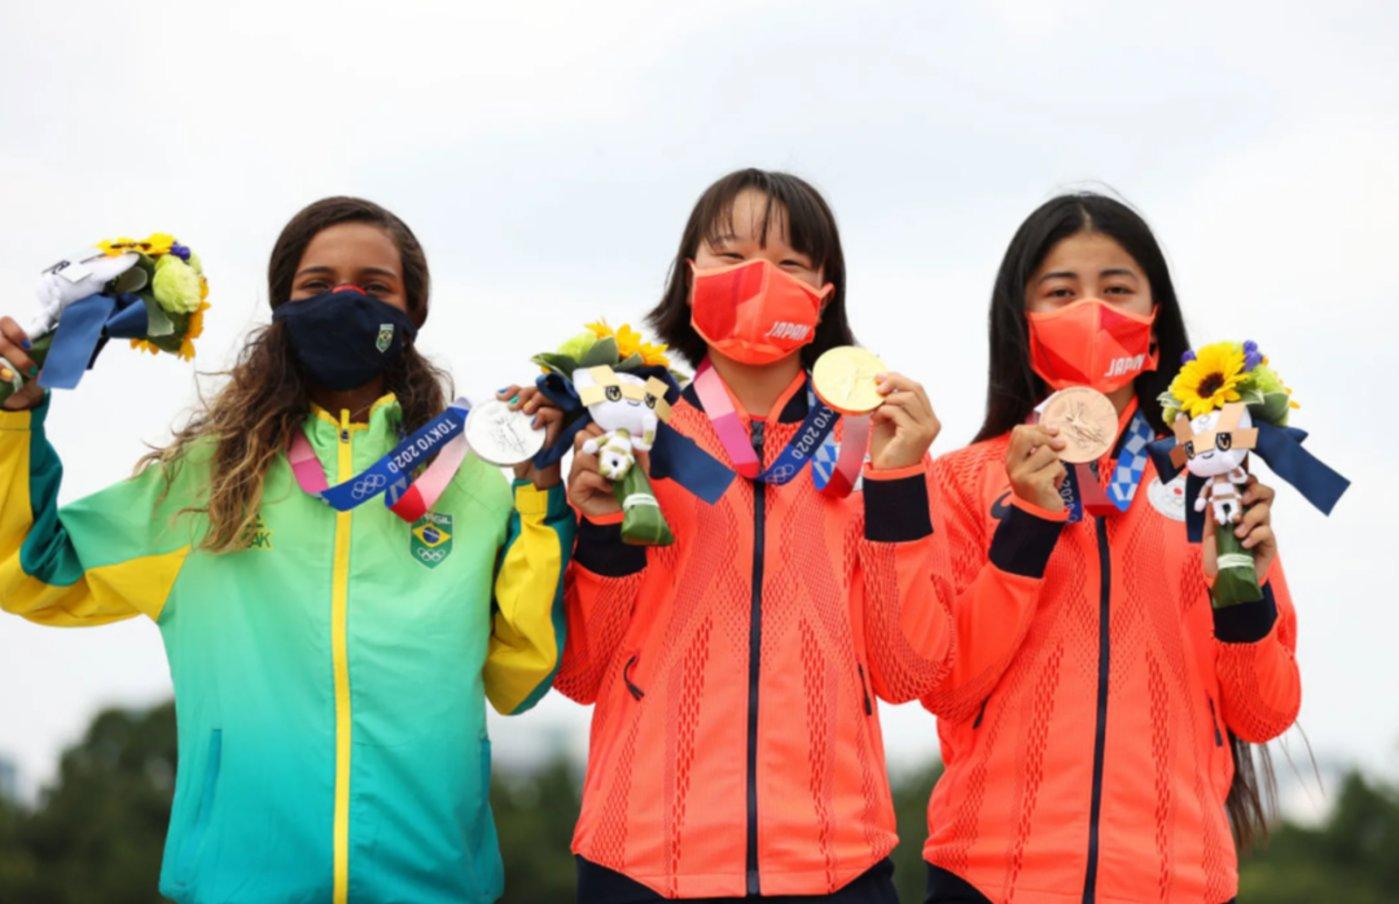 日本滑板队西矢椛和中山枫奈以及巴西小将莱萨·莱亚